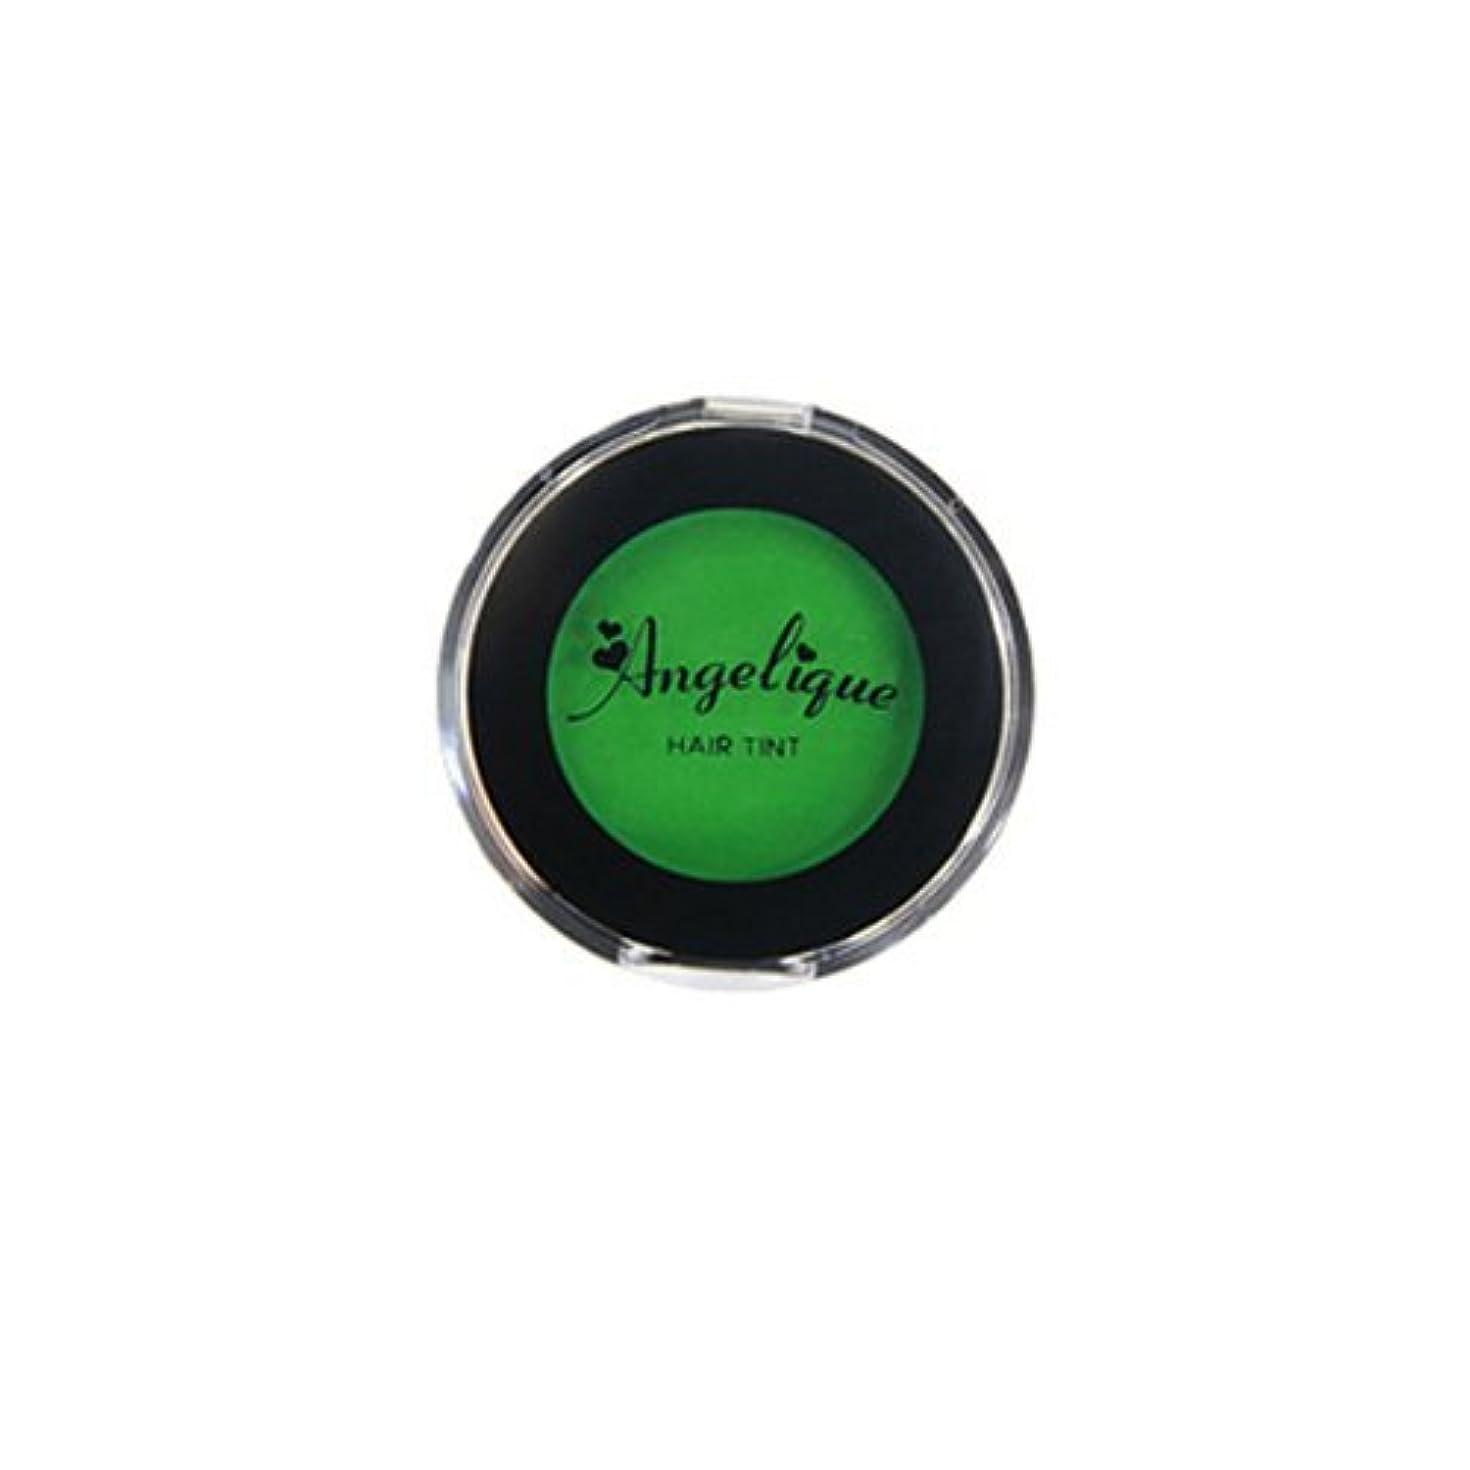 なんでもジャンク有毒なAngelique(アンジェリーク) ヘアチョーク ティント TINT ヘアカラーチョーク パウダータイプ グリーン